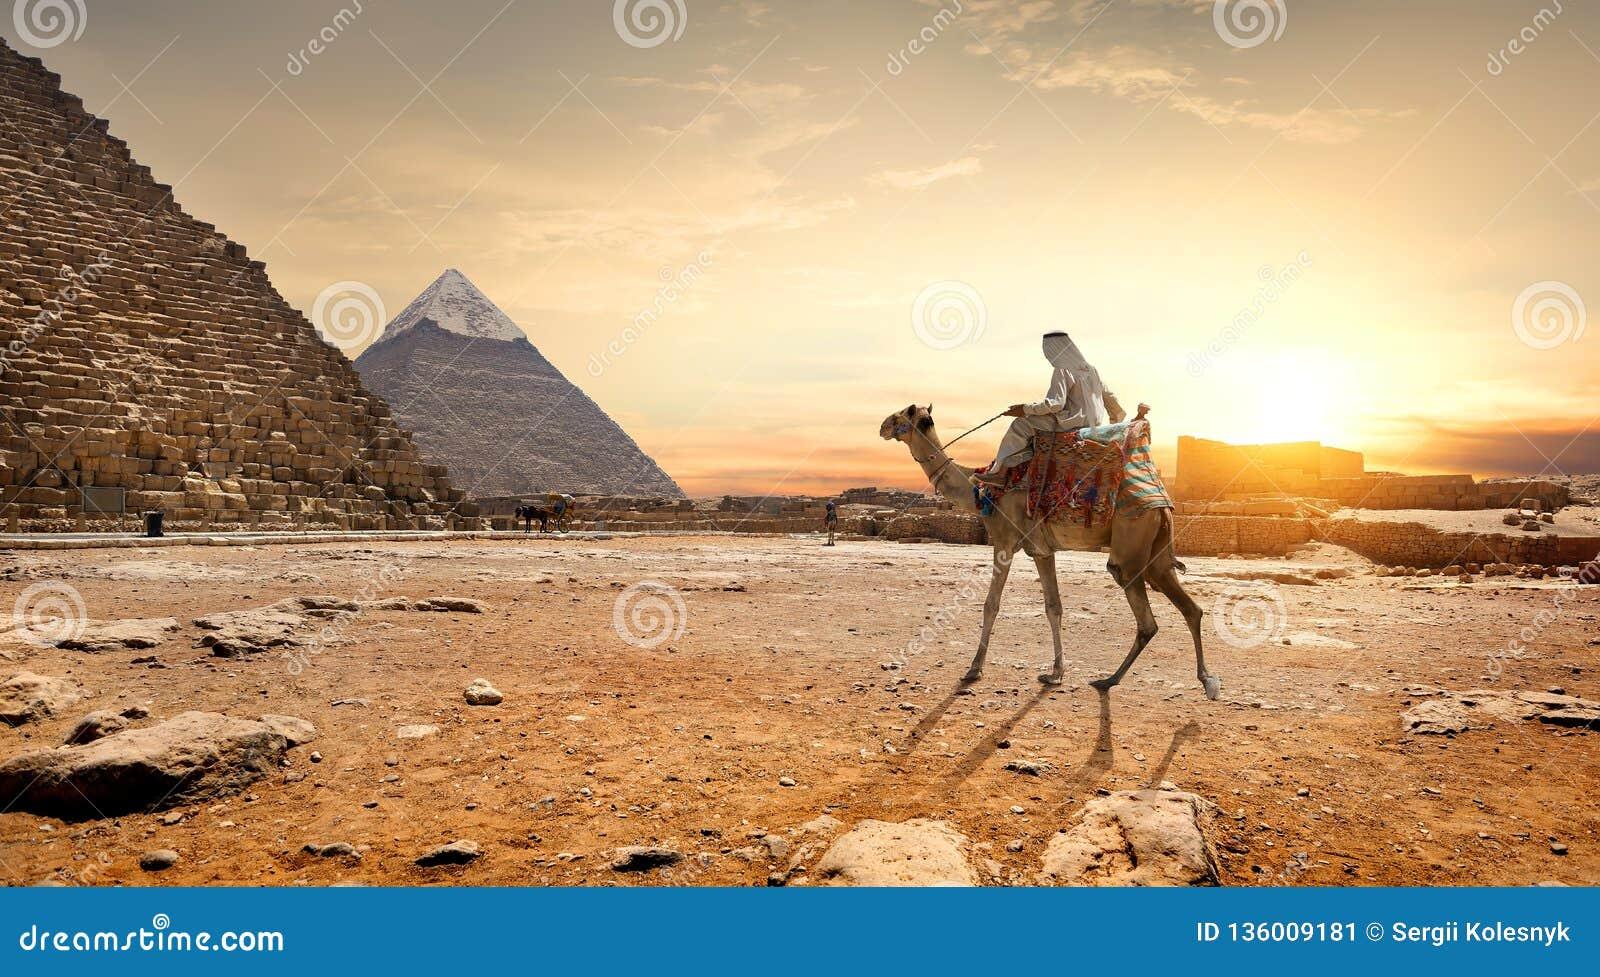 金字塔使埃及环境美化